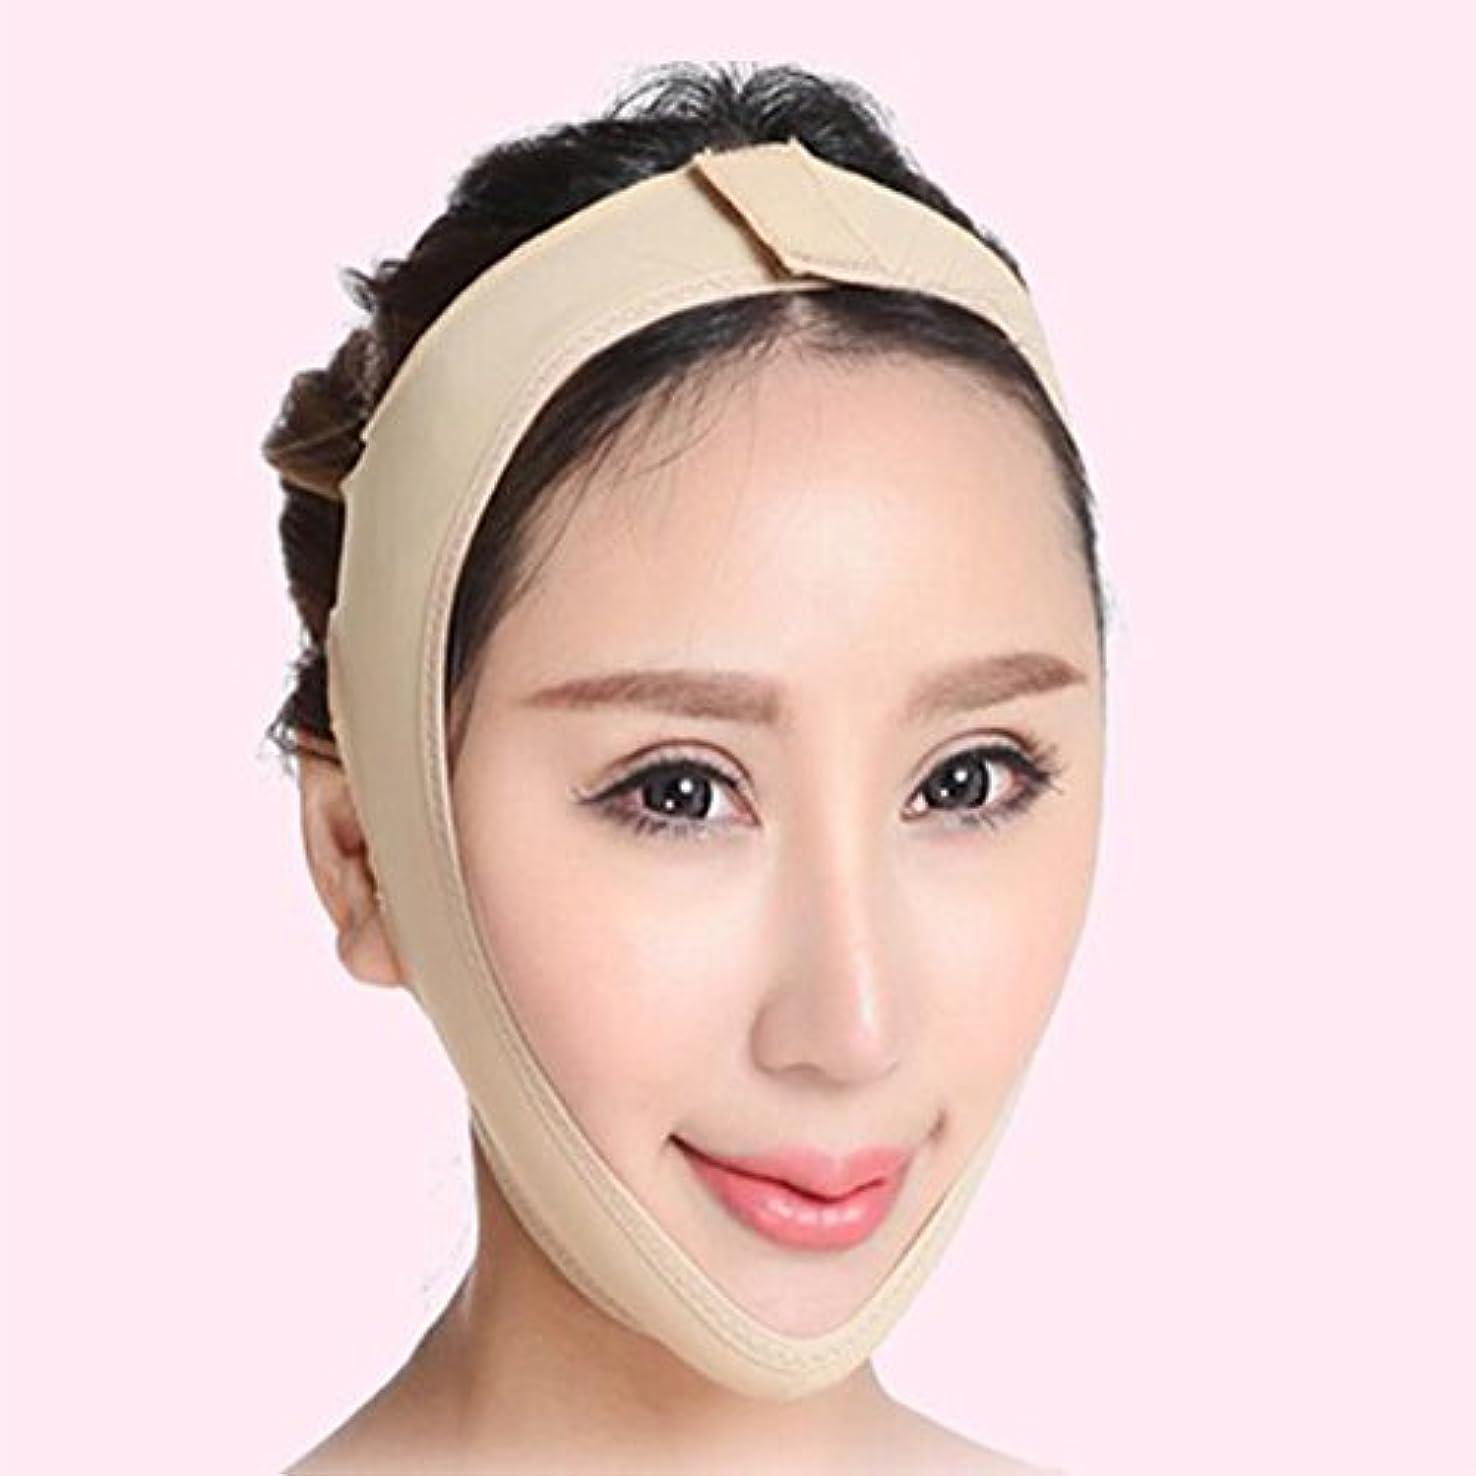 魅了する遠いトレーダー1stモール 小顔 小顔マスク リフトアップ マスク フェイスライン 矯正 あご シャープ メンズ レディース Sサイズ ST-AZD15003-S